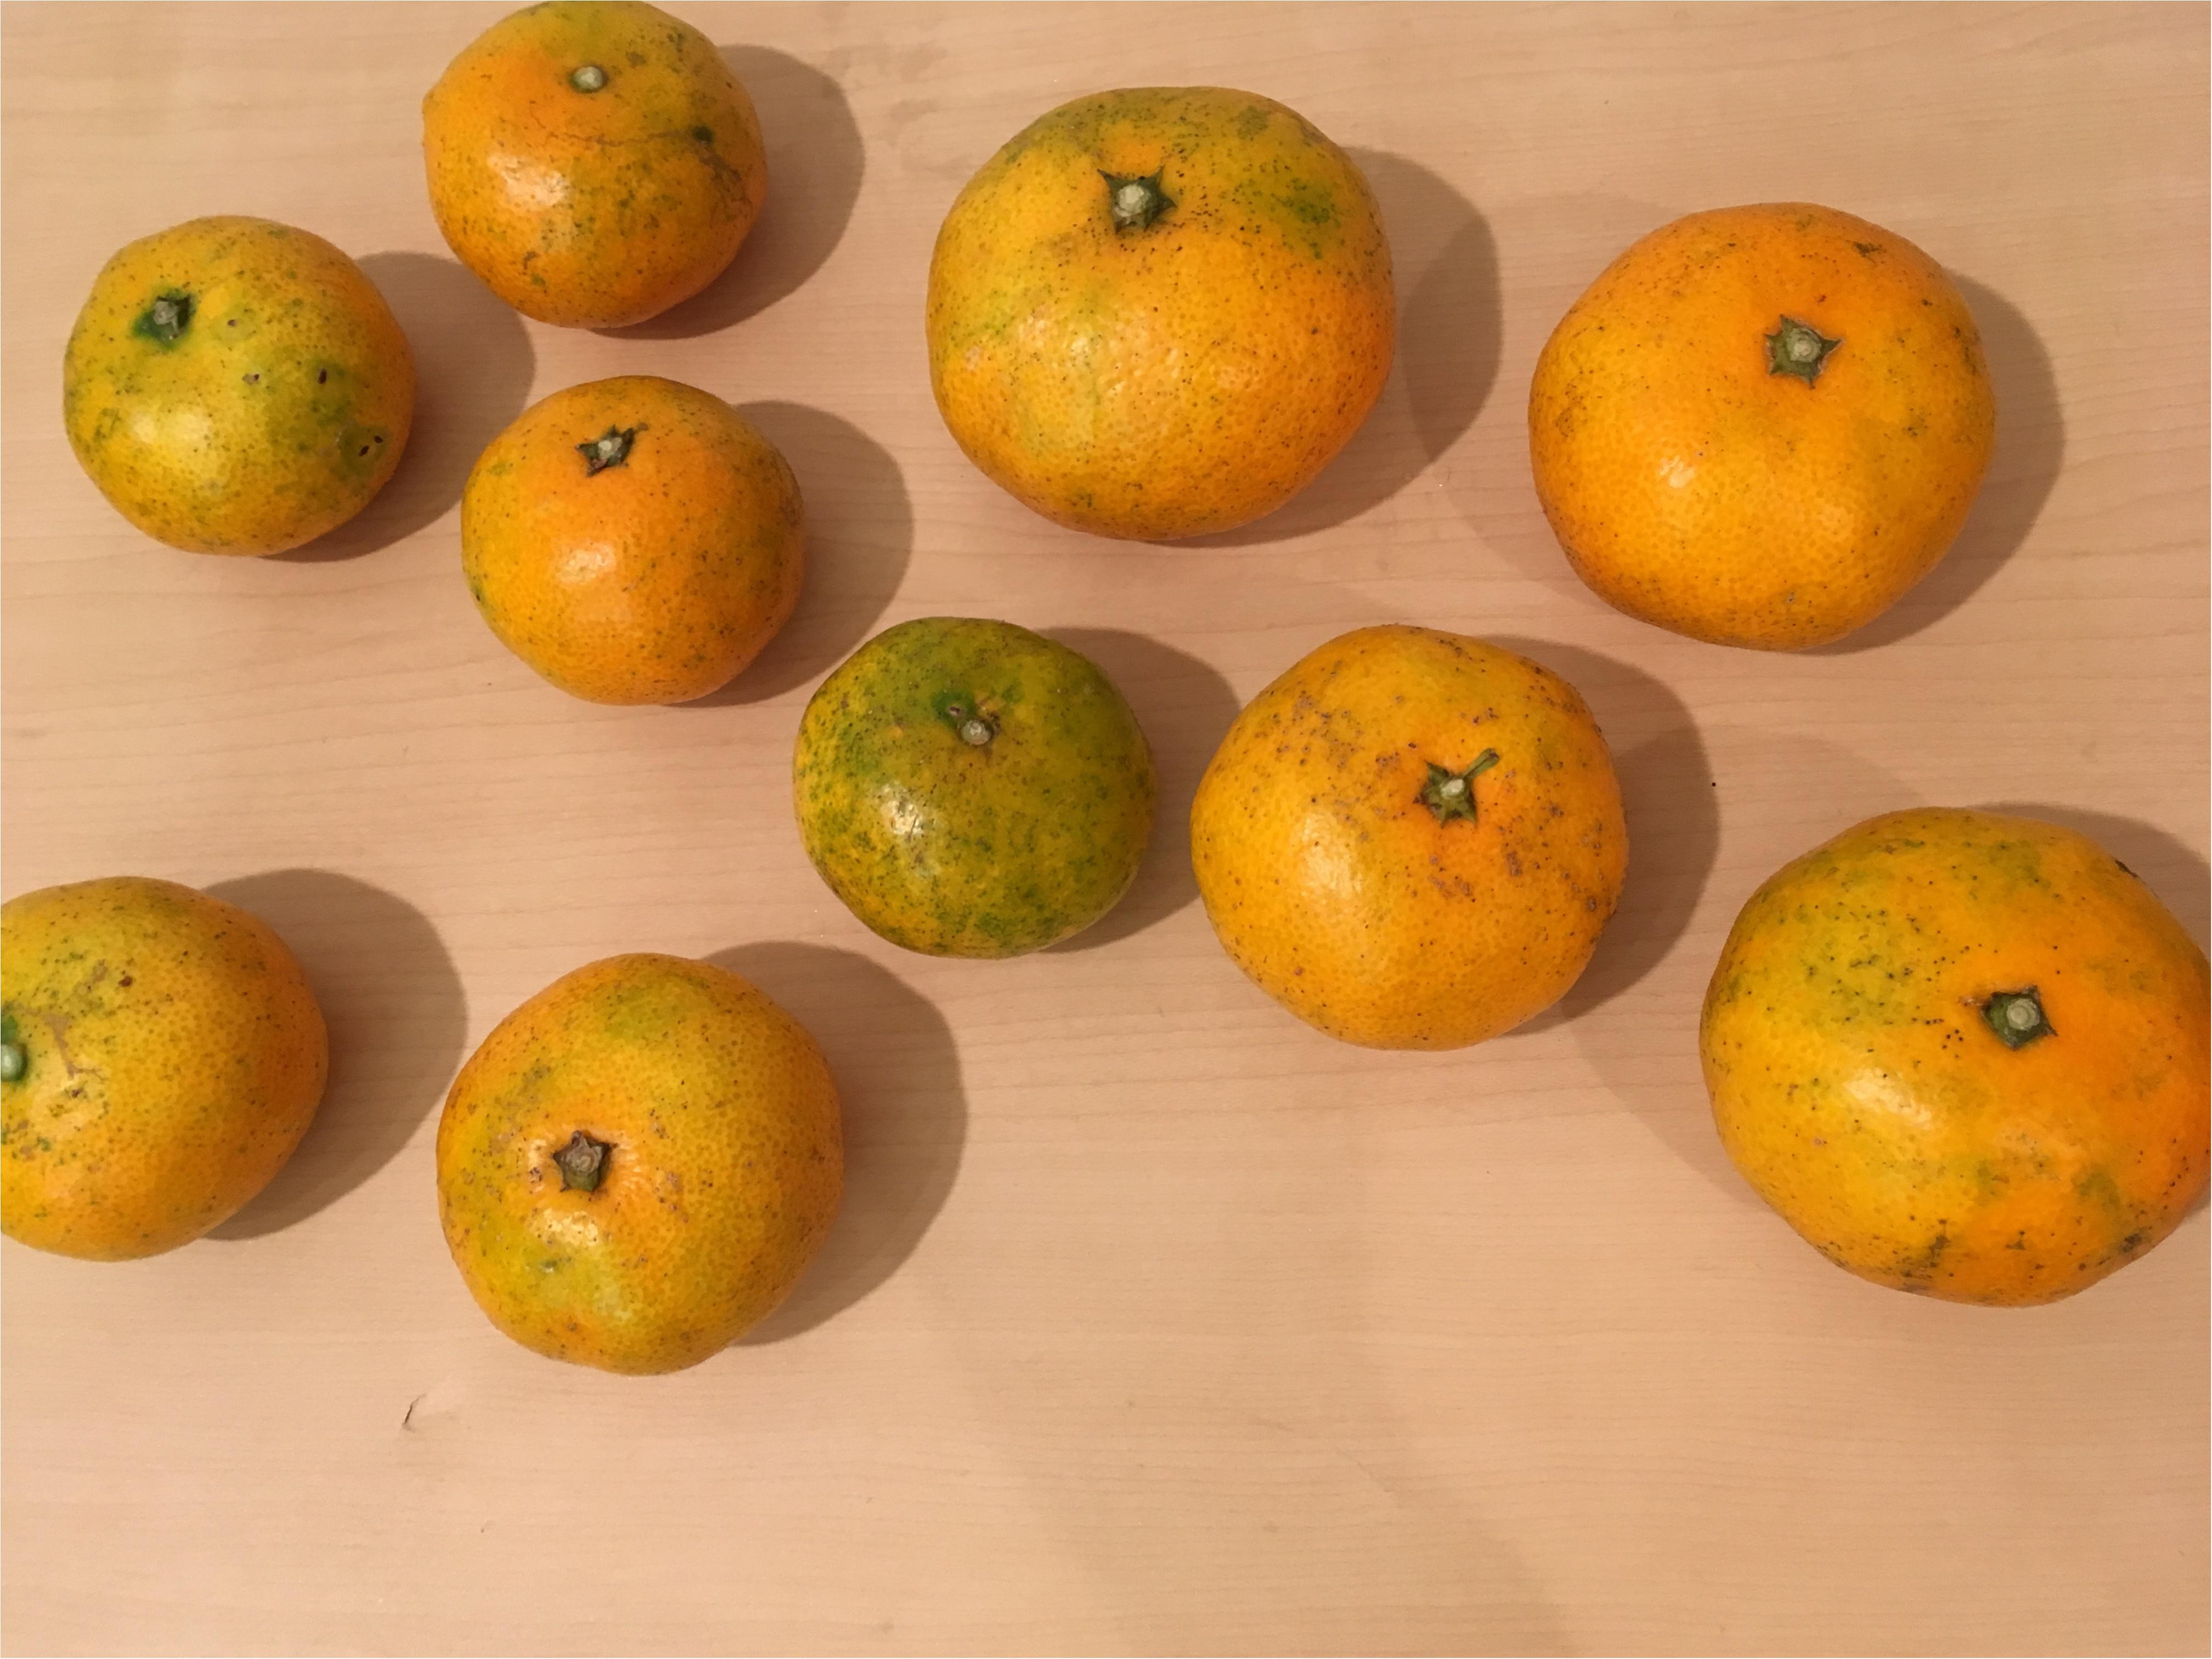 【料理▶レシピ有り】青山ファーマーズマーケットで見つけたフルーツで簡単ジャム作り☺_2